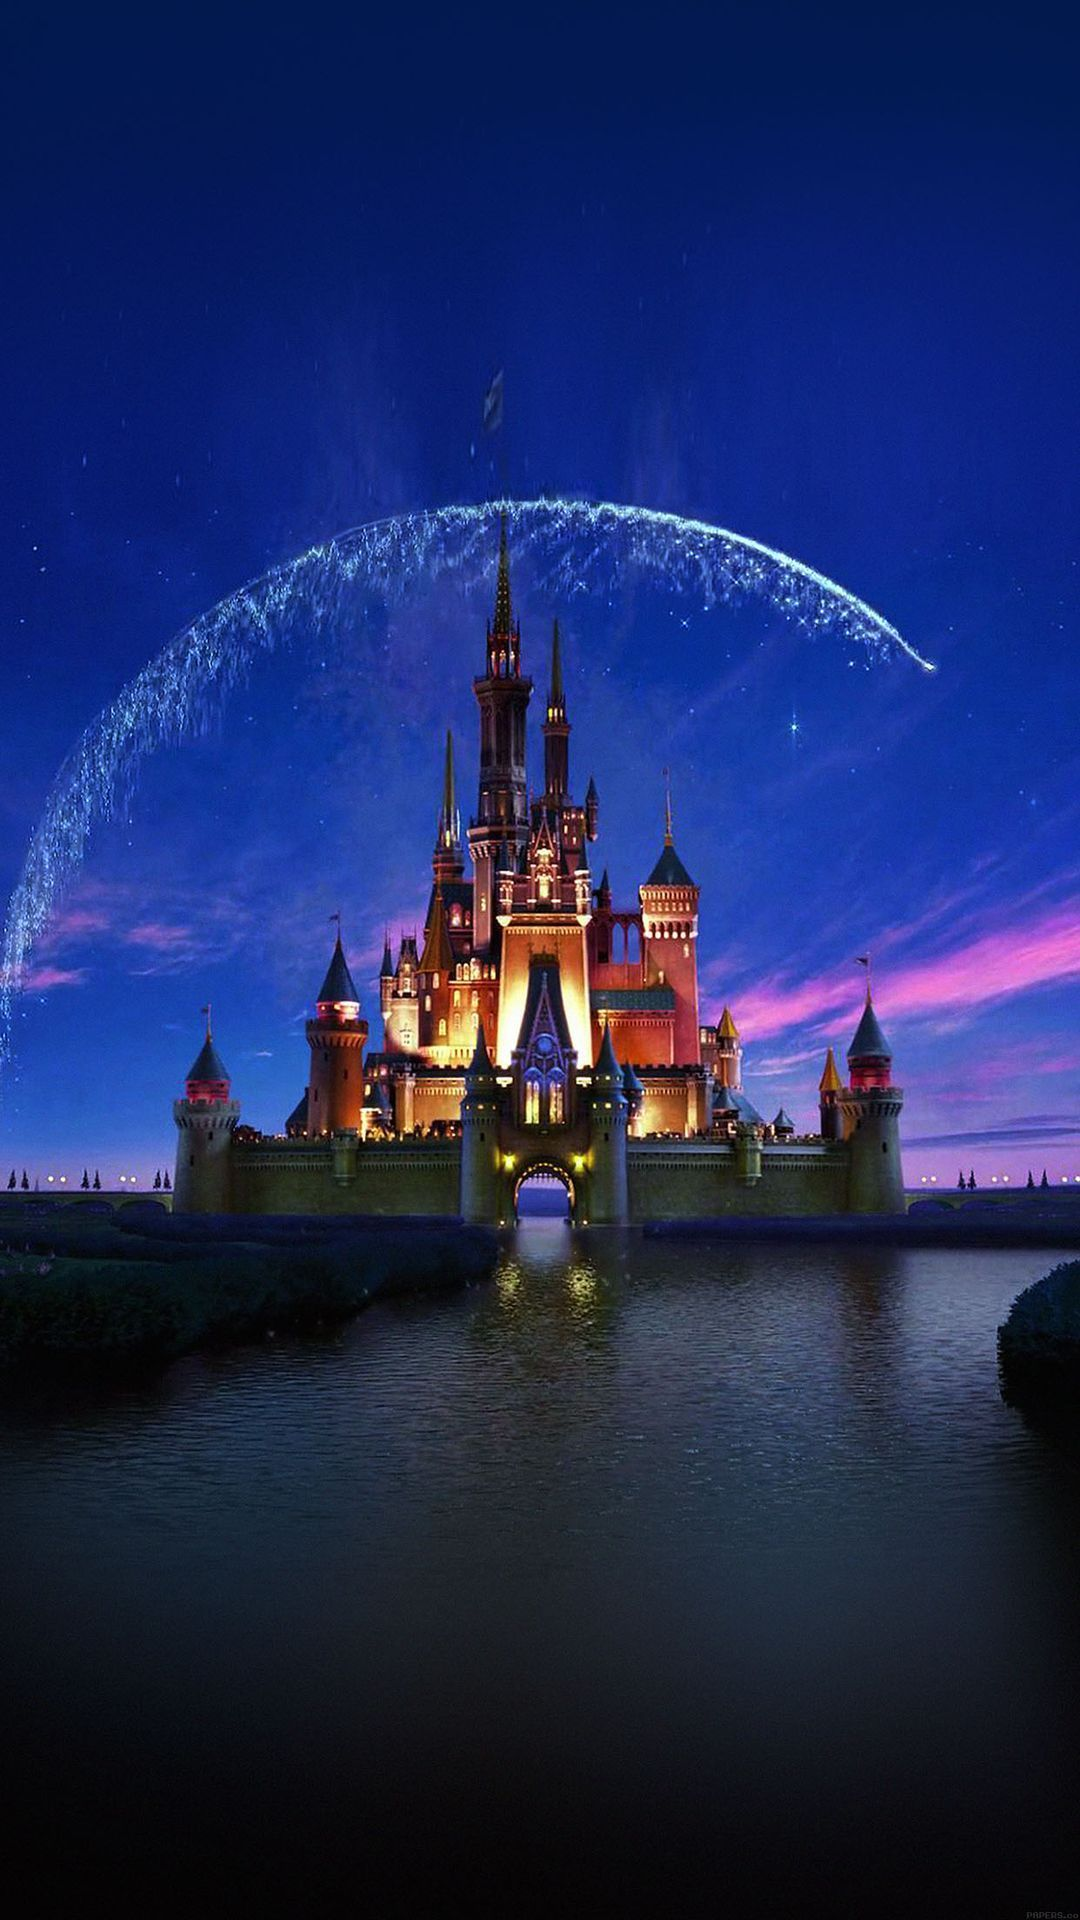 Hình ảnh chạm 1080x1920 để có thêm hình nền Disney của iPhone!  Tác phẩm nghệ thuật lâu đài Disney